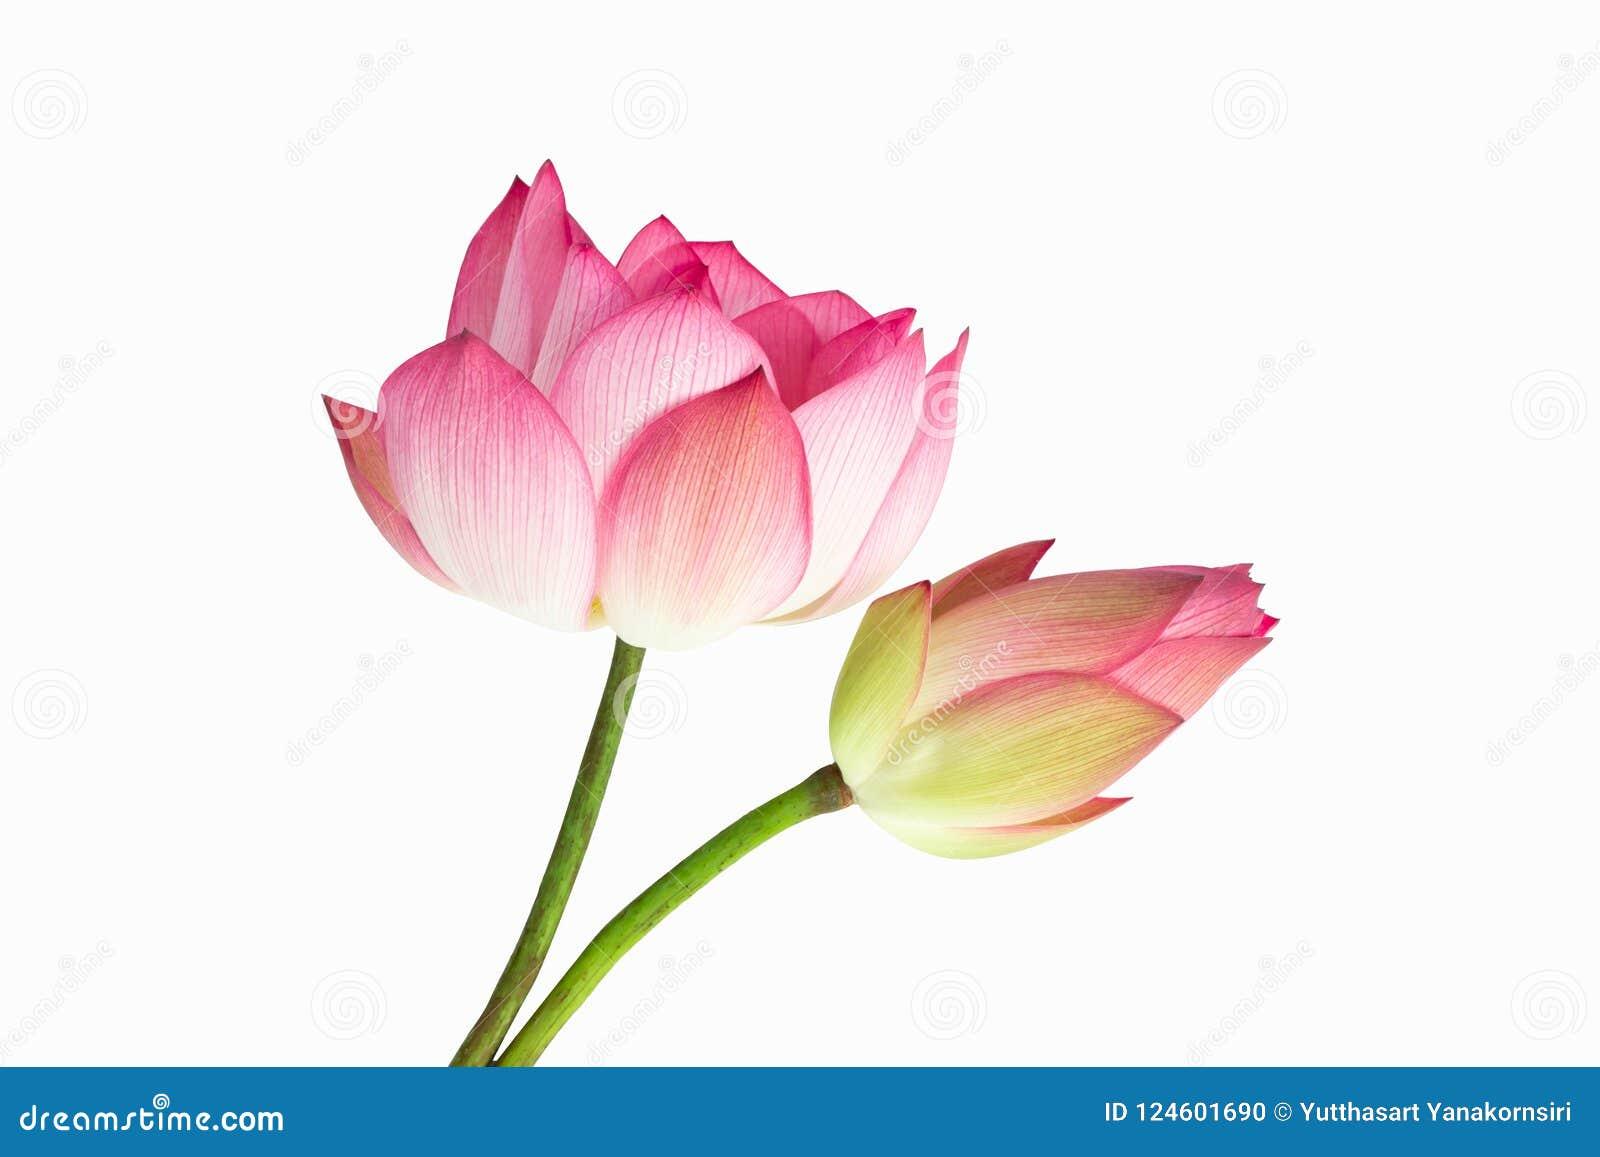 Ramo rosado hermoso de la flor de loto aislado en el fondo blanco